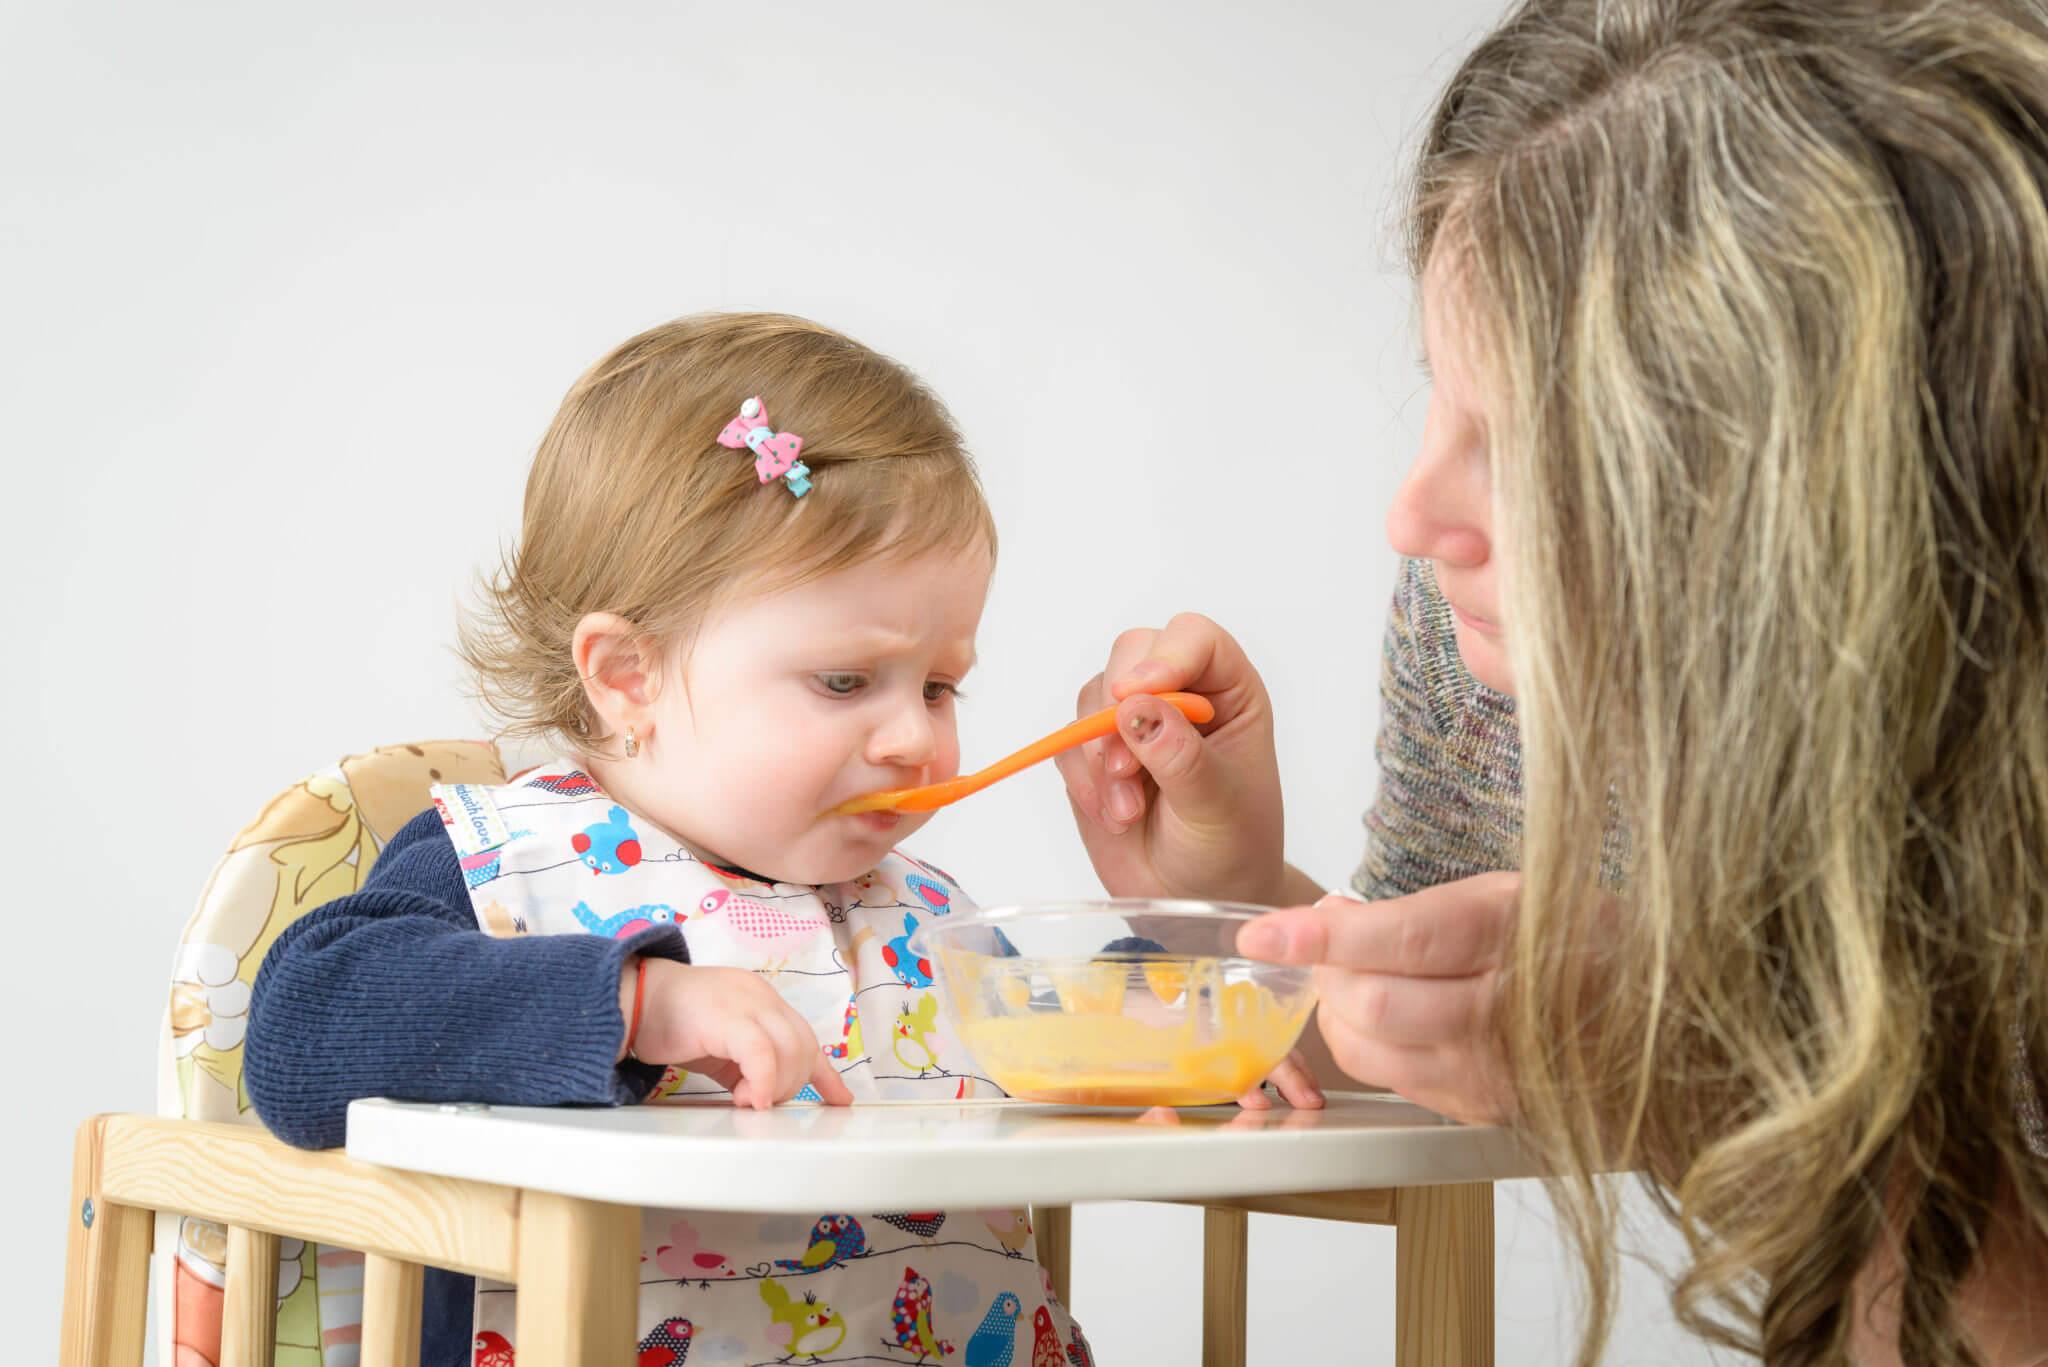 Mutter füttert Tochter mit Brei, Kind sitzt in einem Kleinkinderstuhl mit Essensplatte